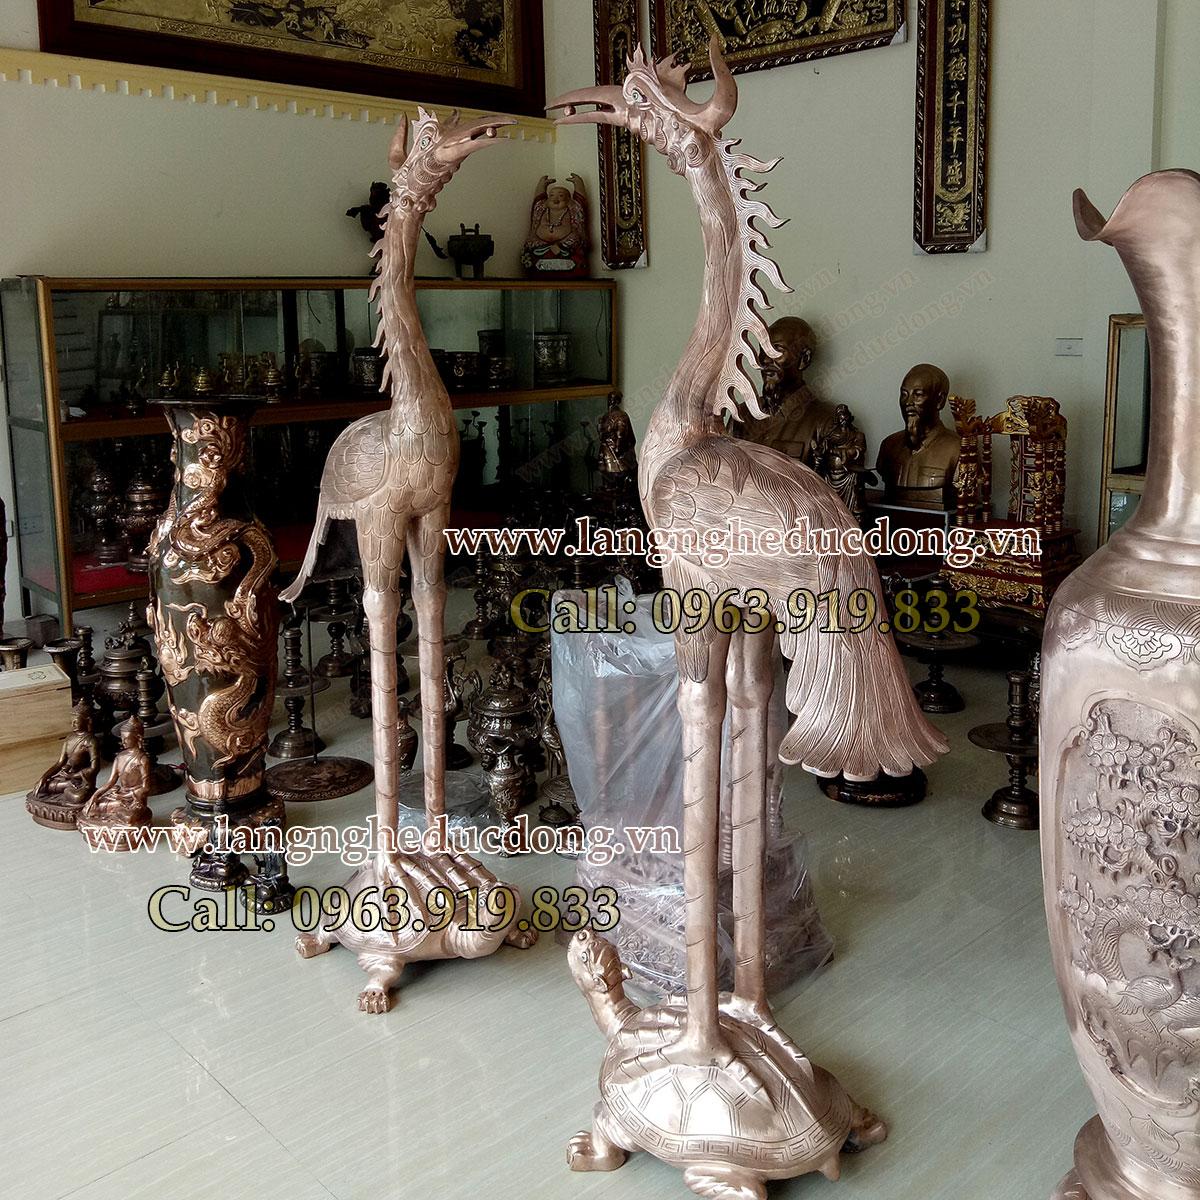 langngheducdong.vn - hạc cúng tiến đình chùa, hạc ngậm ngọc, hạc đồng đỏ đúc thủ công mỹ nghệ